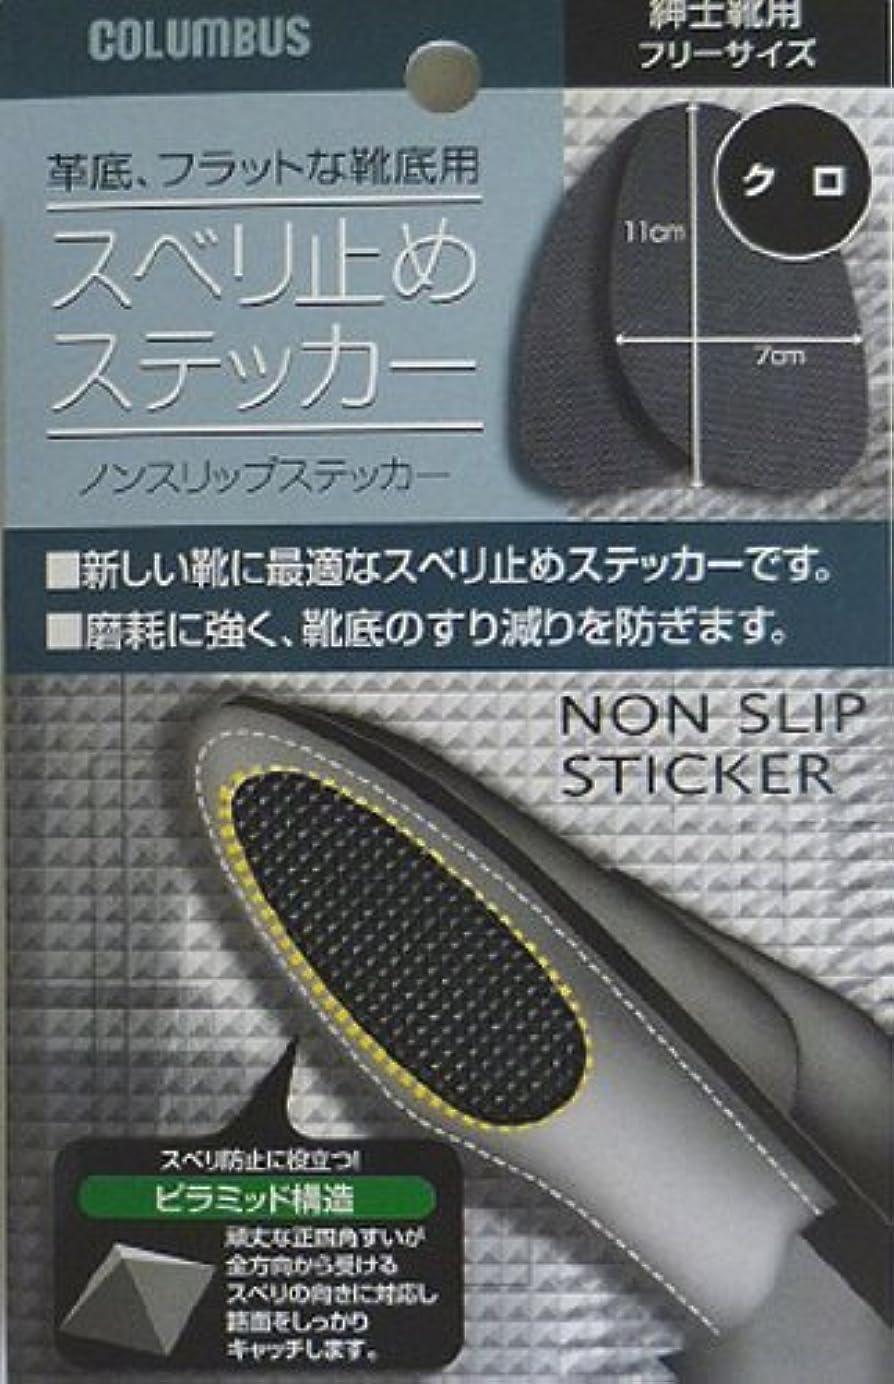 協定エレメンタル経済的ノンスリップステッカー 紳士靴用 フリーサイズ ブラック